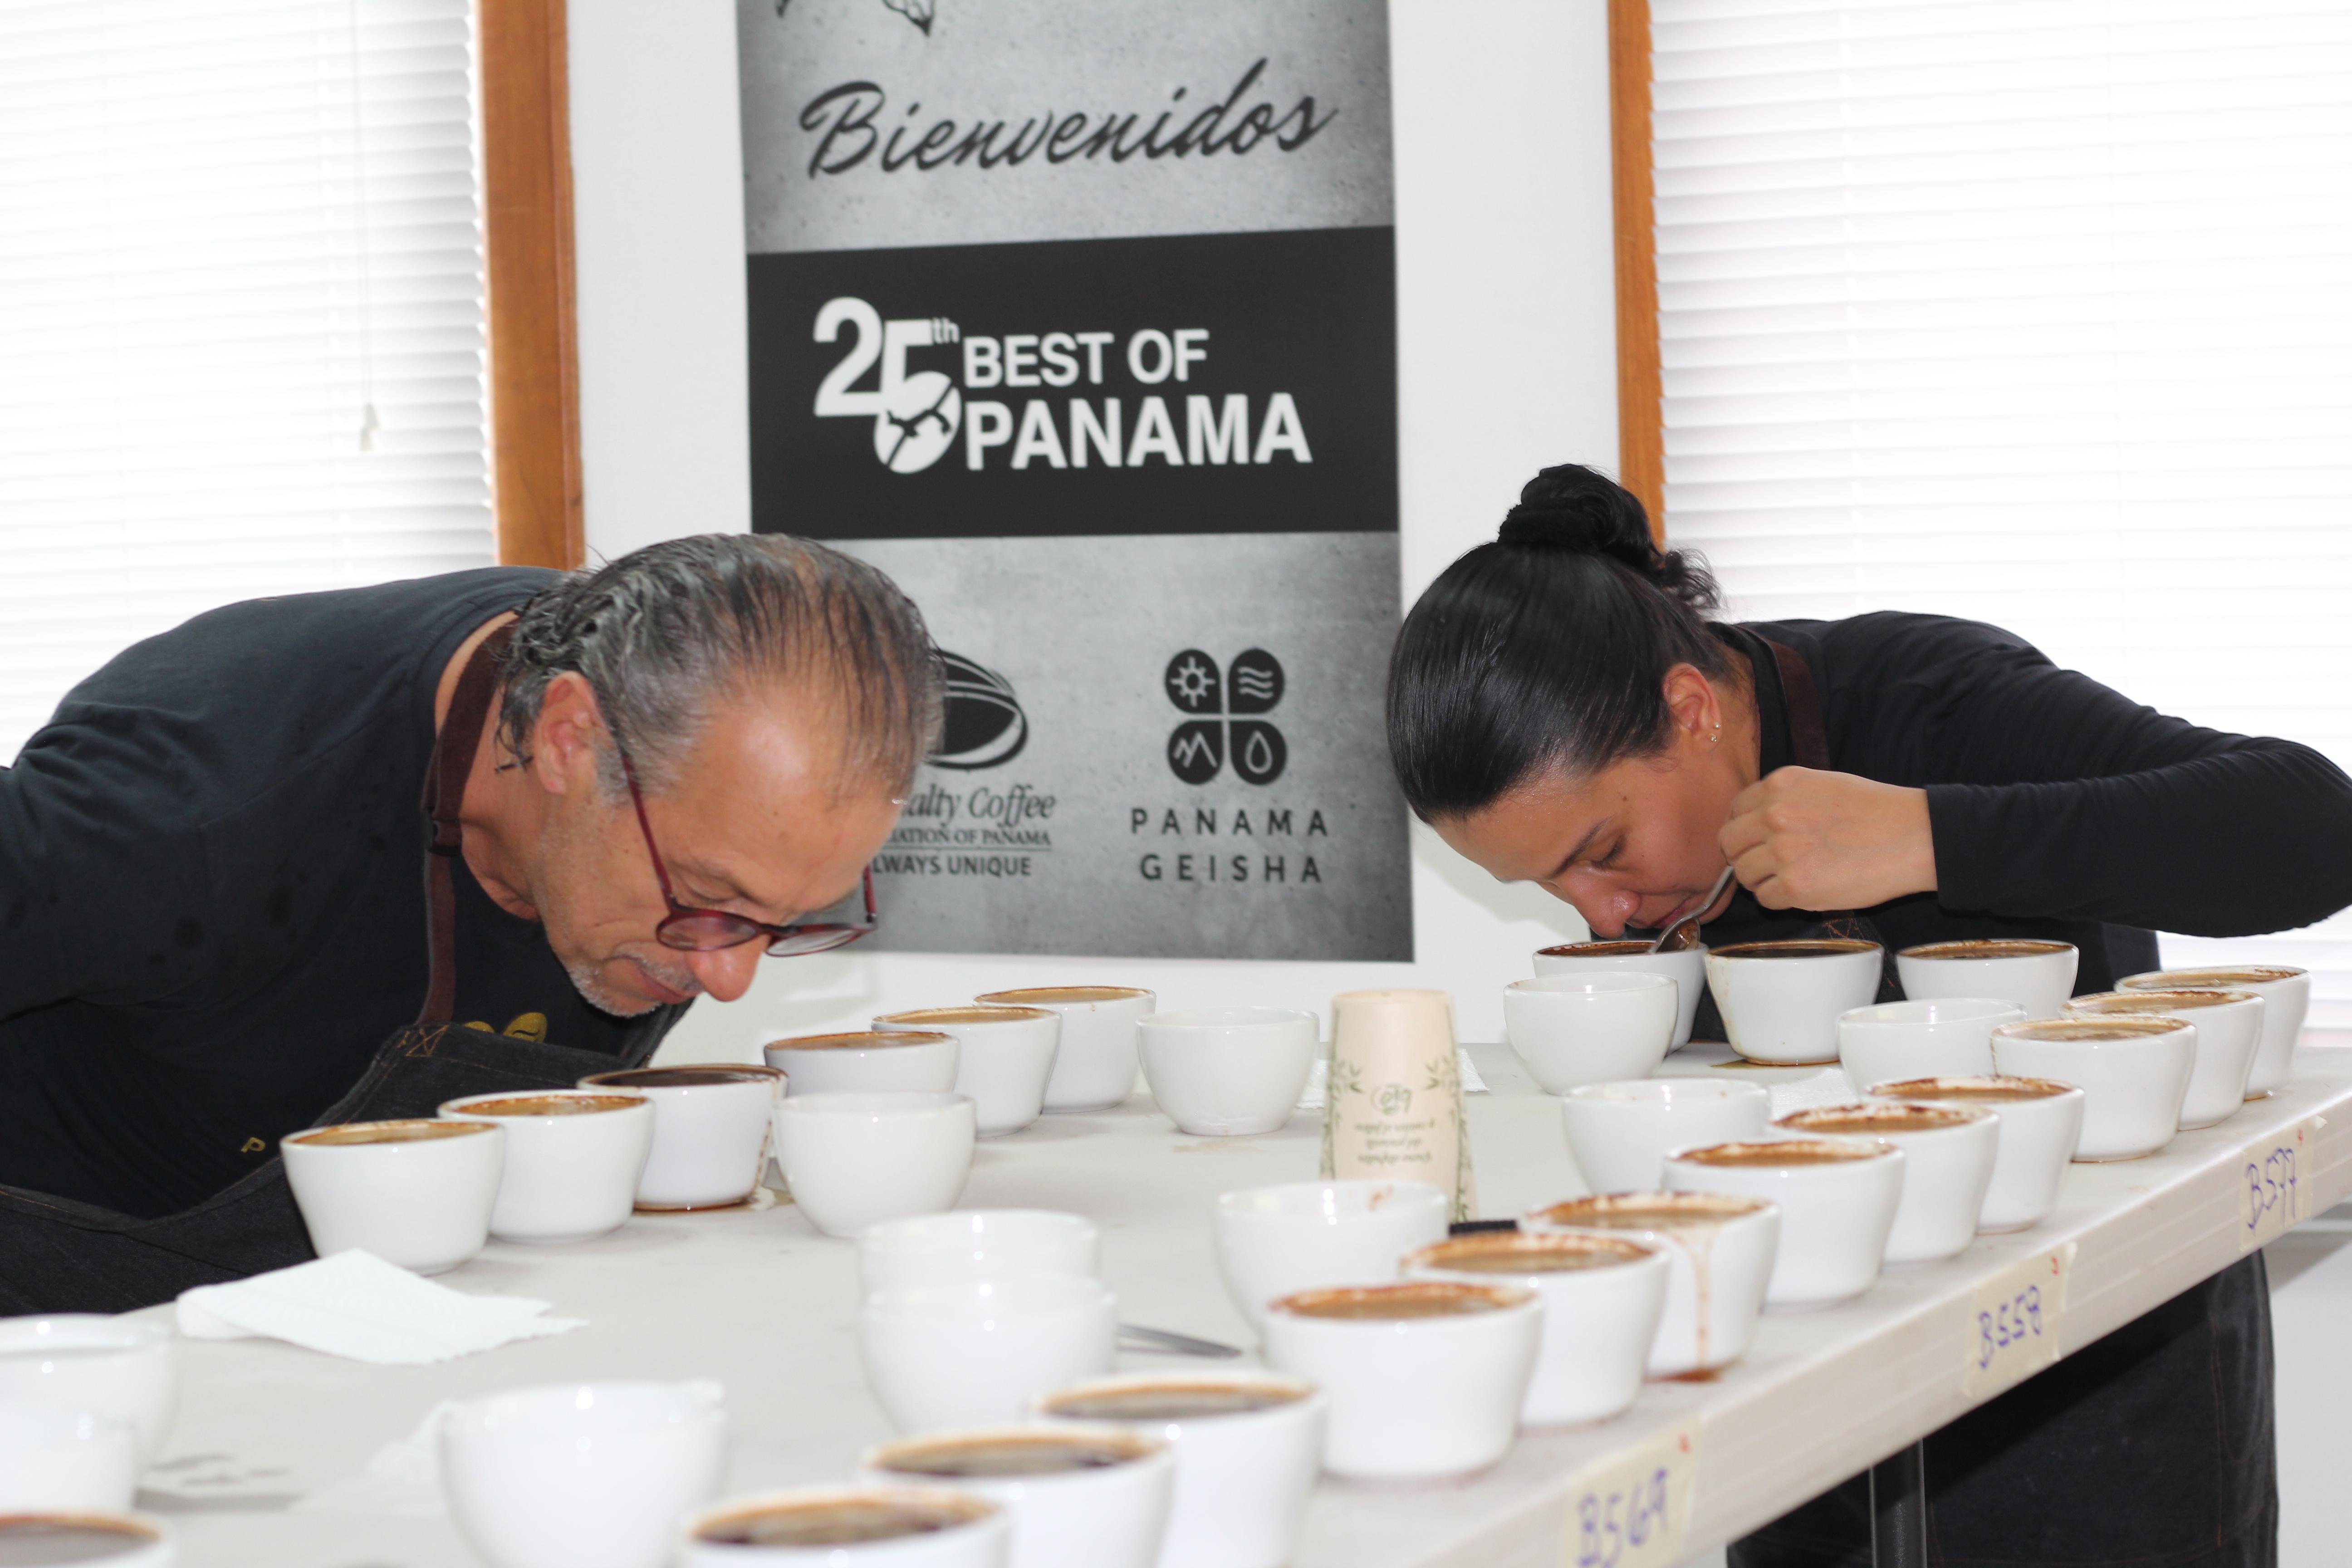 Inició Cata Nacional del Mejor Café de Panamá